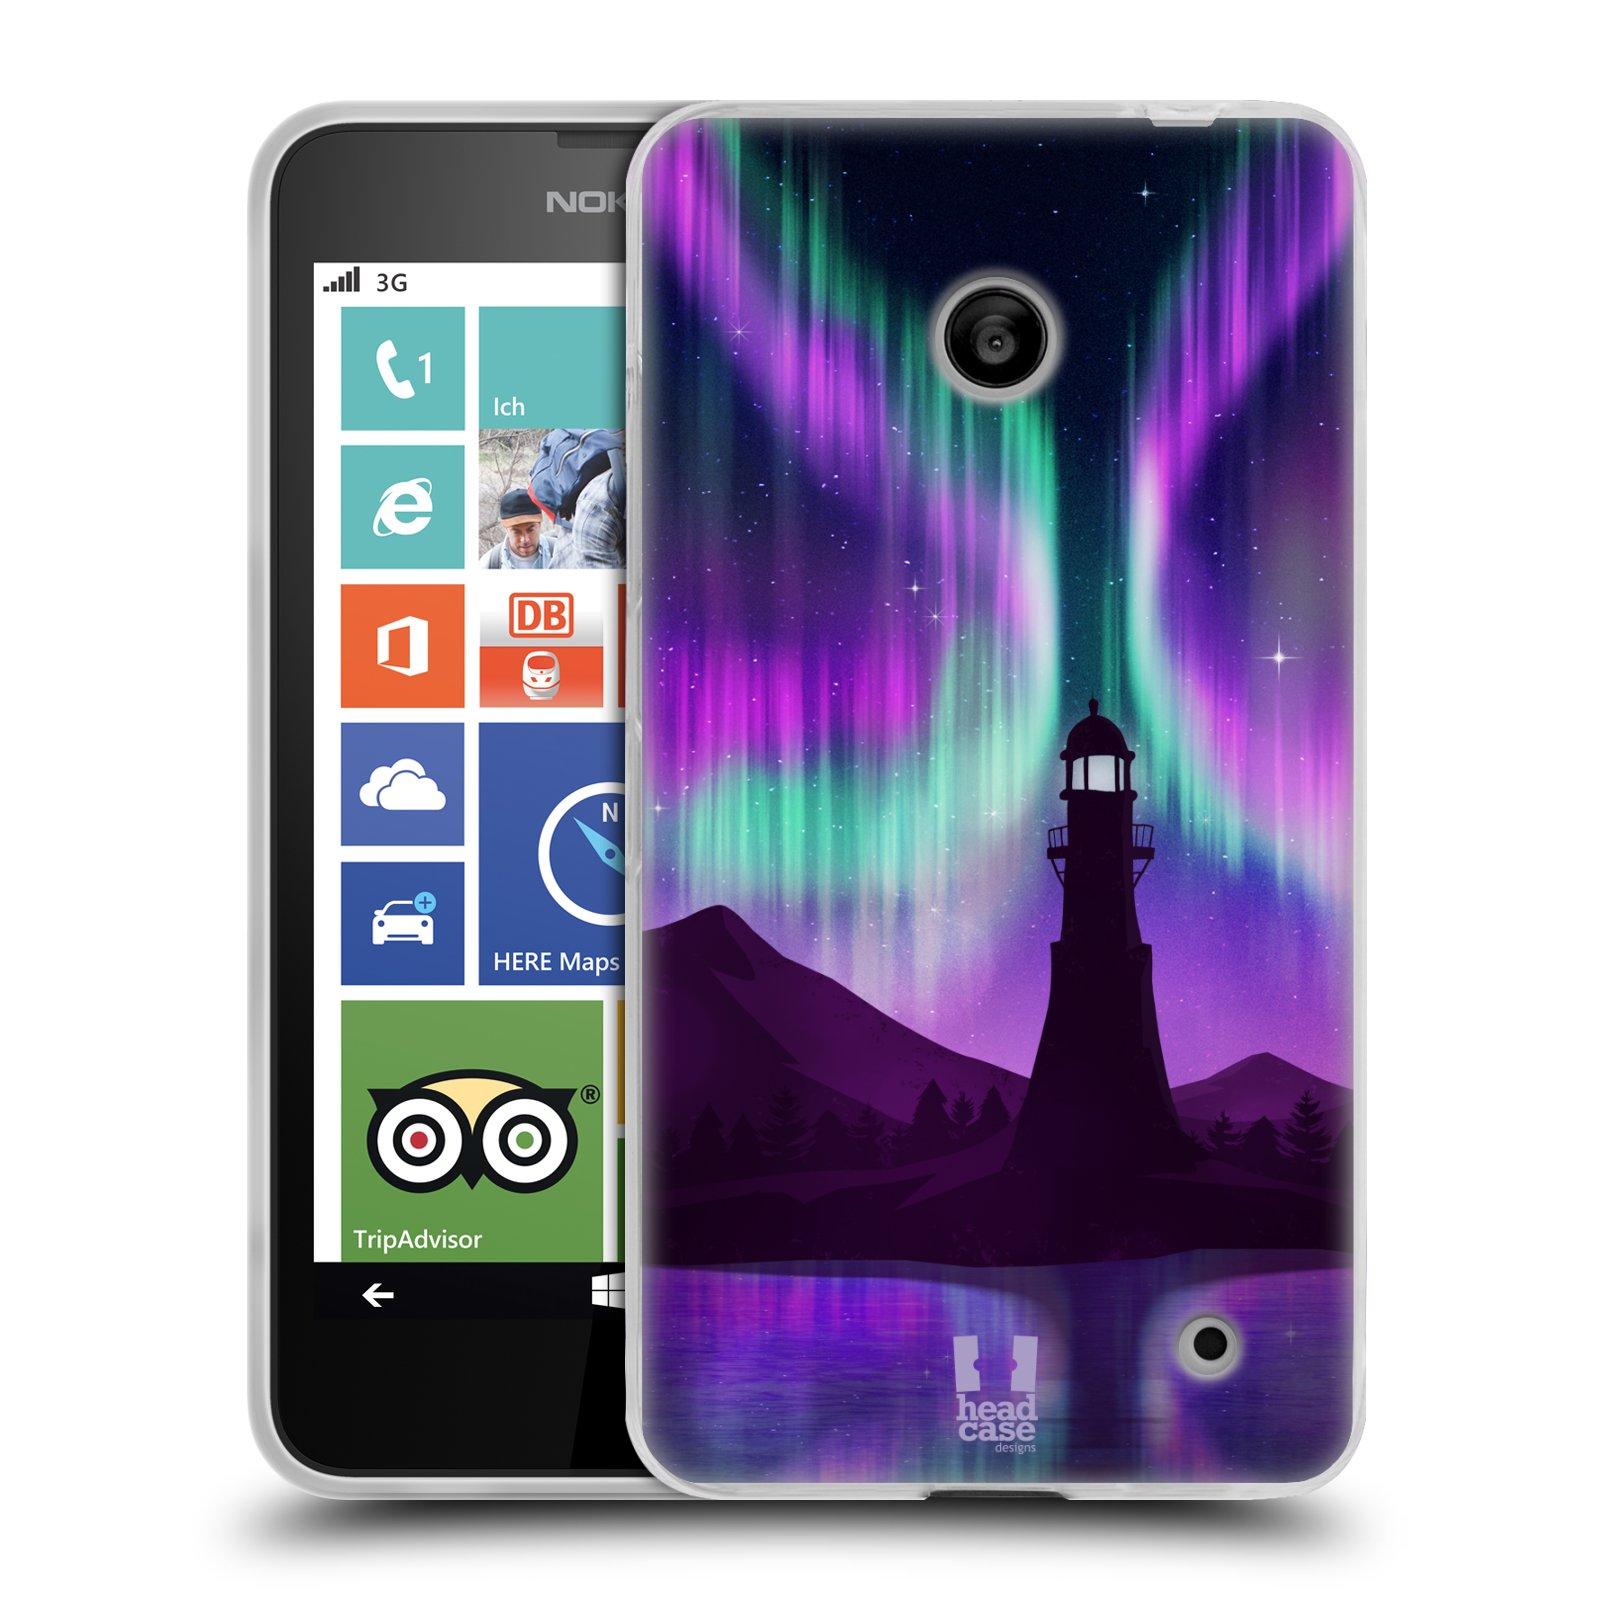 Silikonové pouzdro na mobil Nokia Lumia 630 HEAD CASE Polární Záře Maják (Silikonový kryt či obal na mobilní telefon Nokia Lumia 630 a Nokia Lumia 630 Dual SIM)